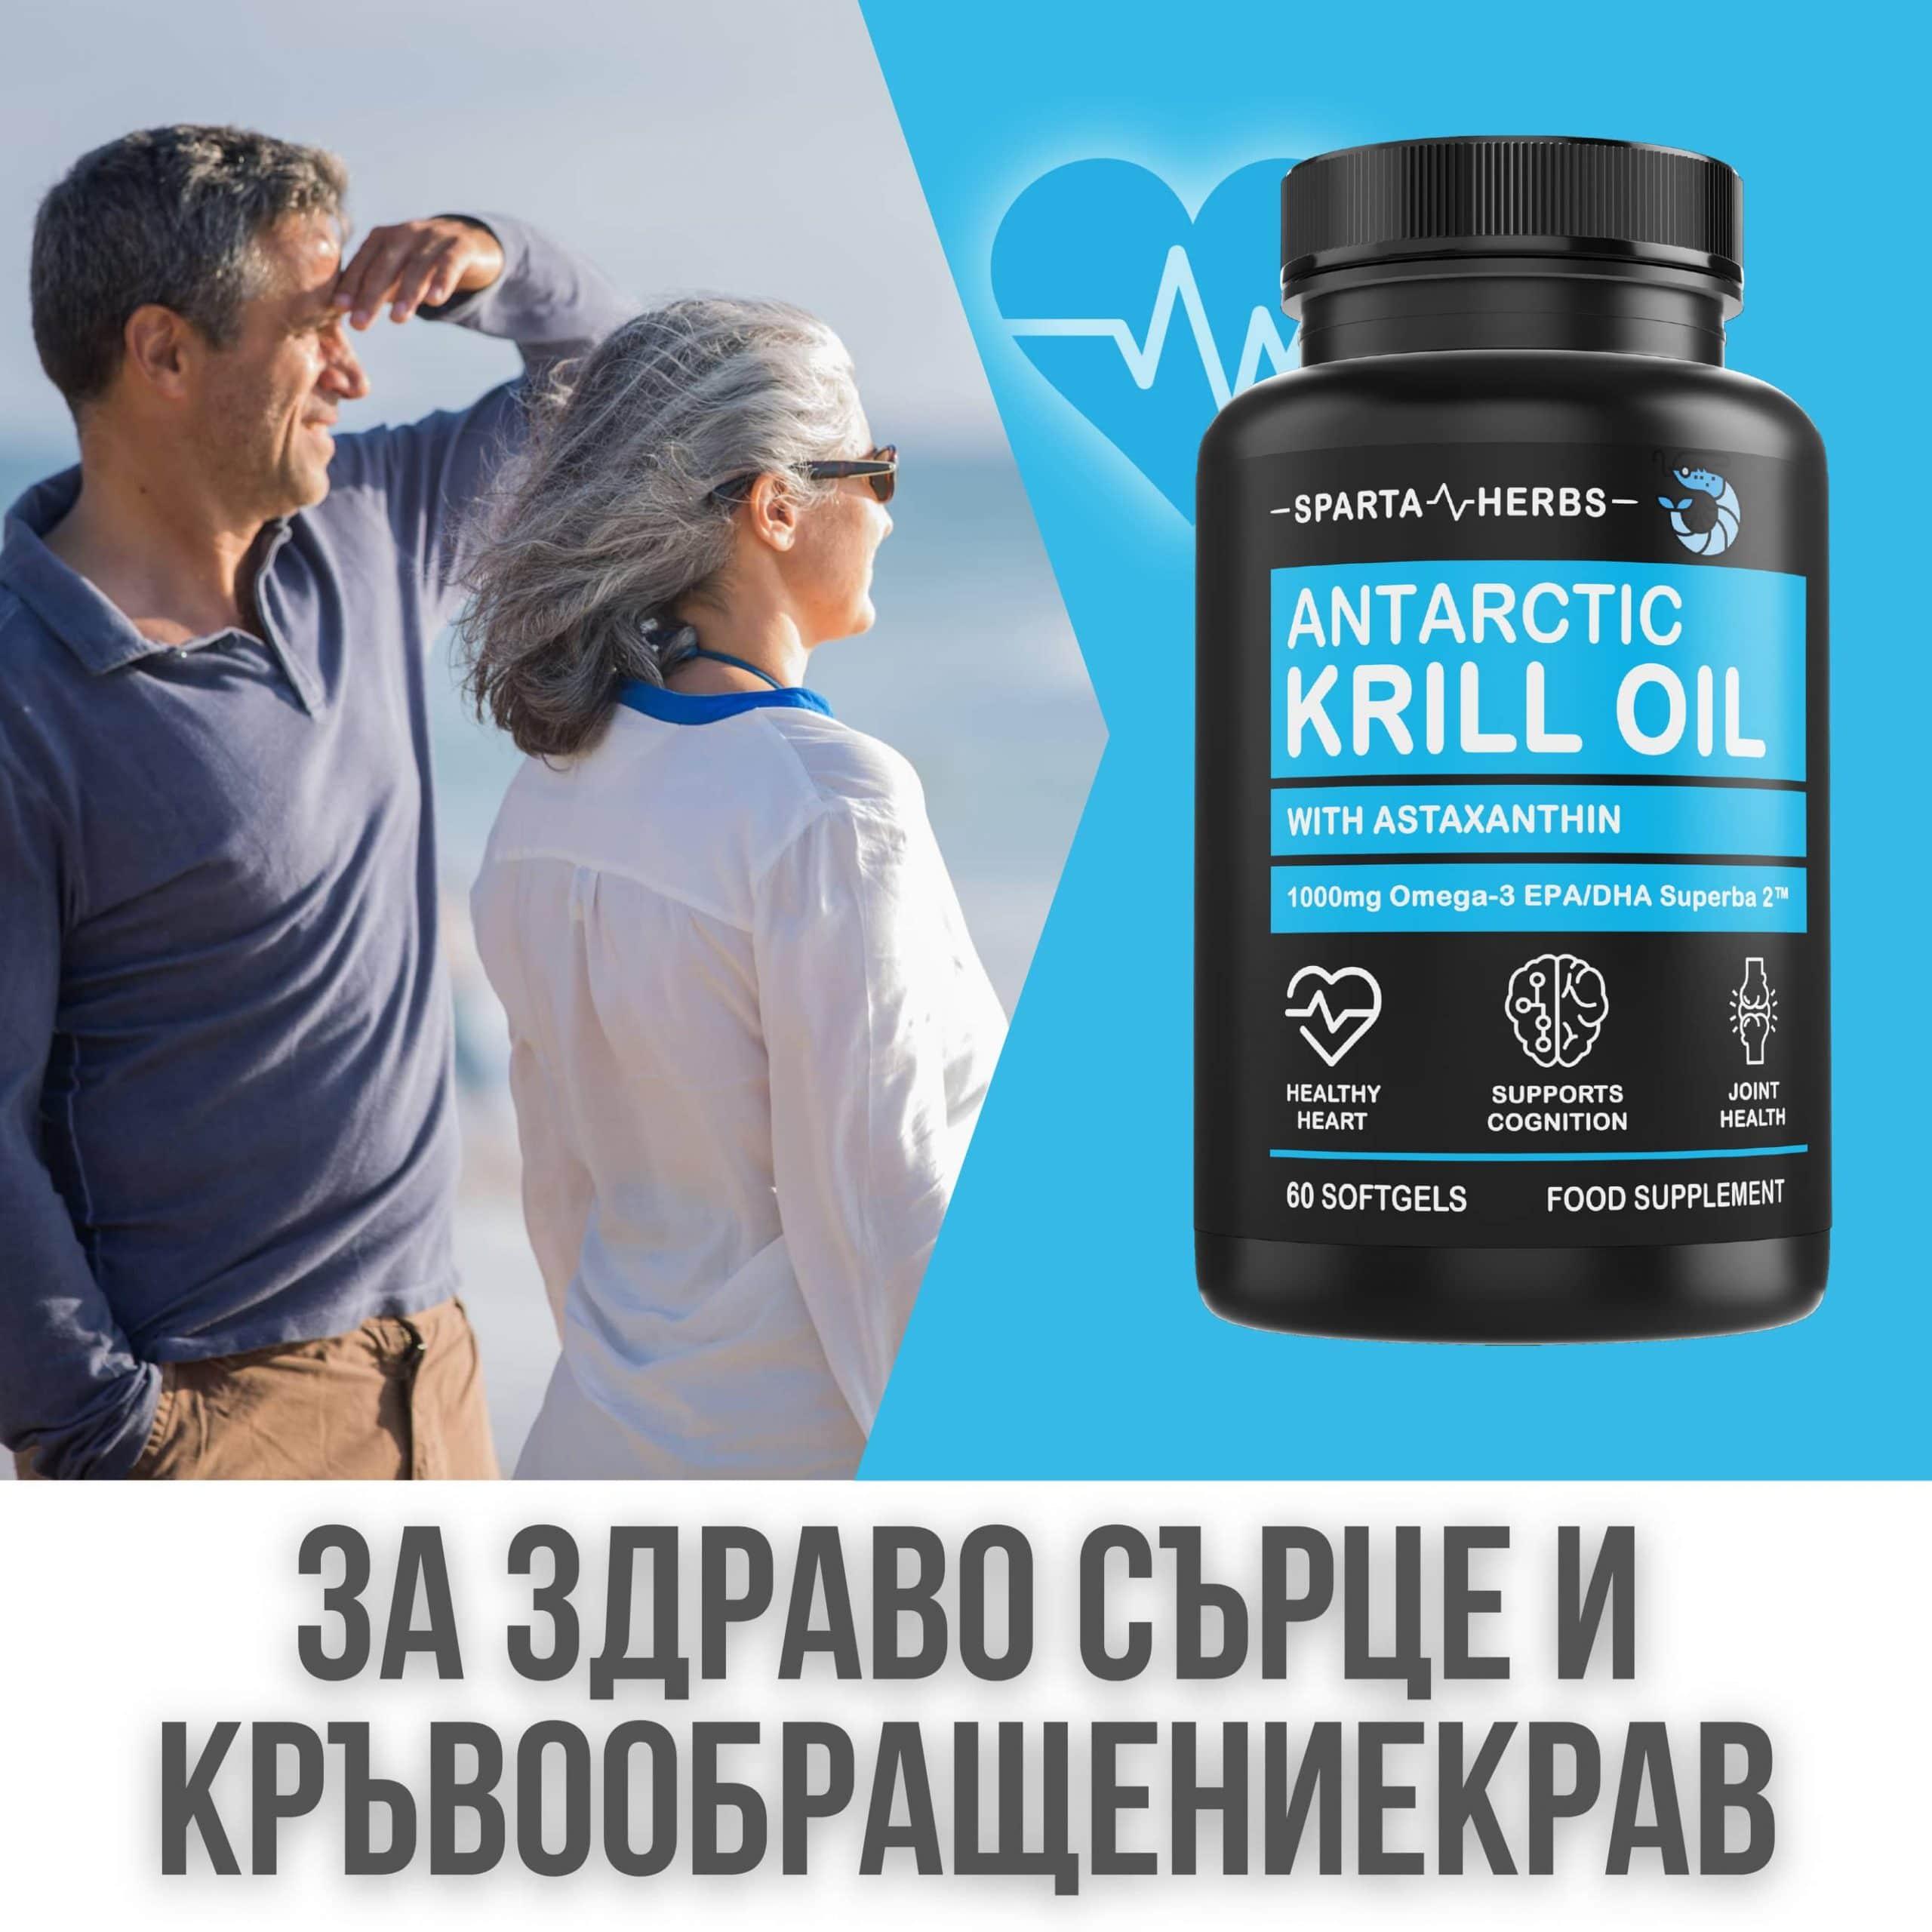 antarctic krill oil slider mobile - opt